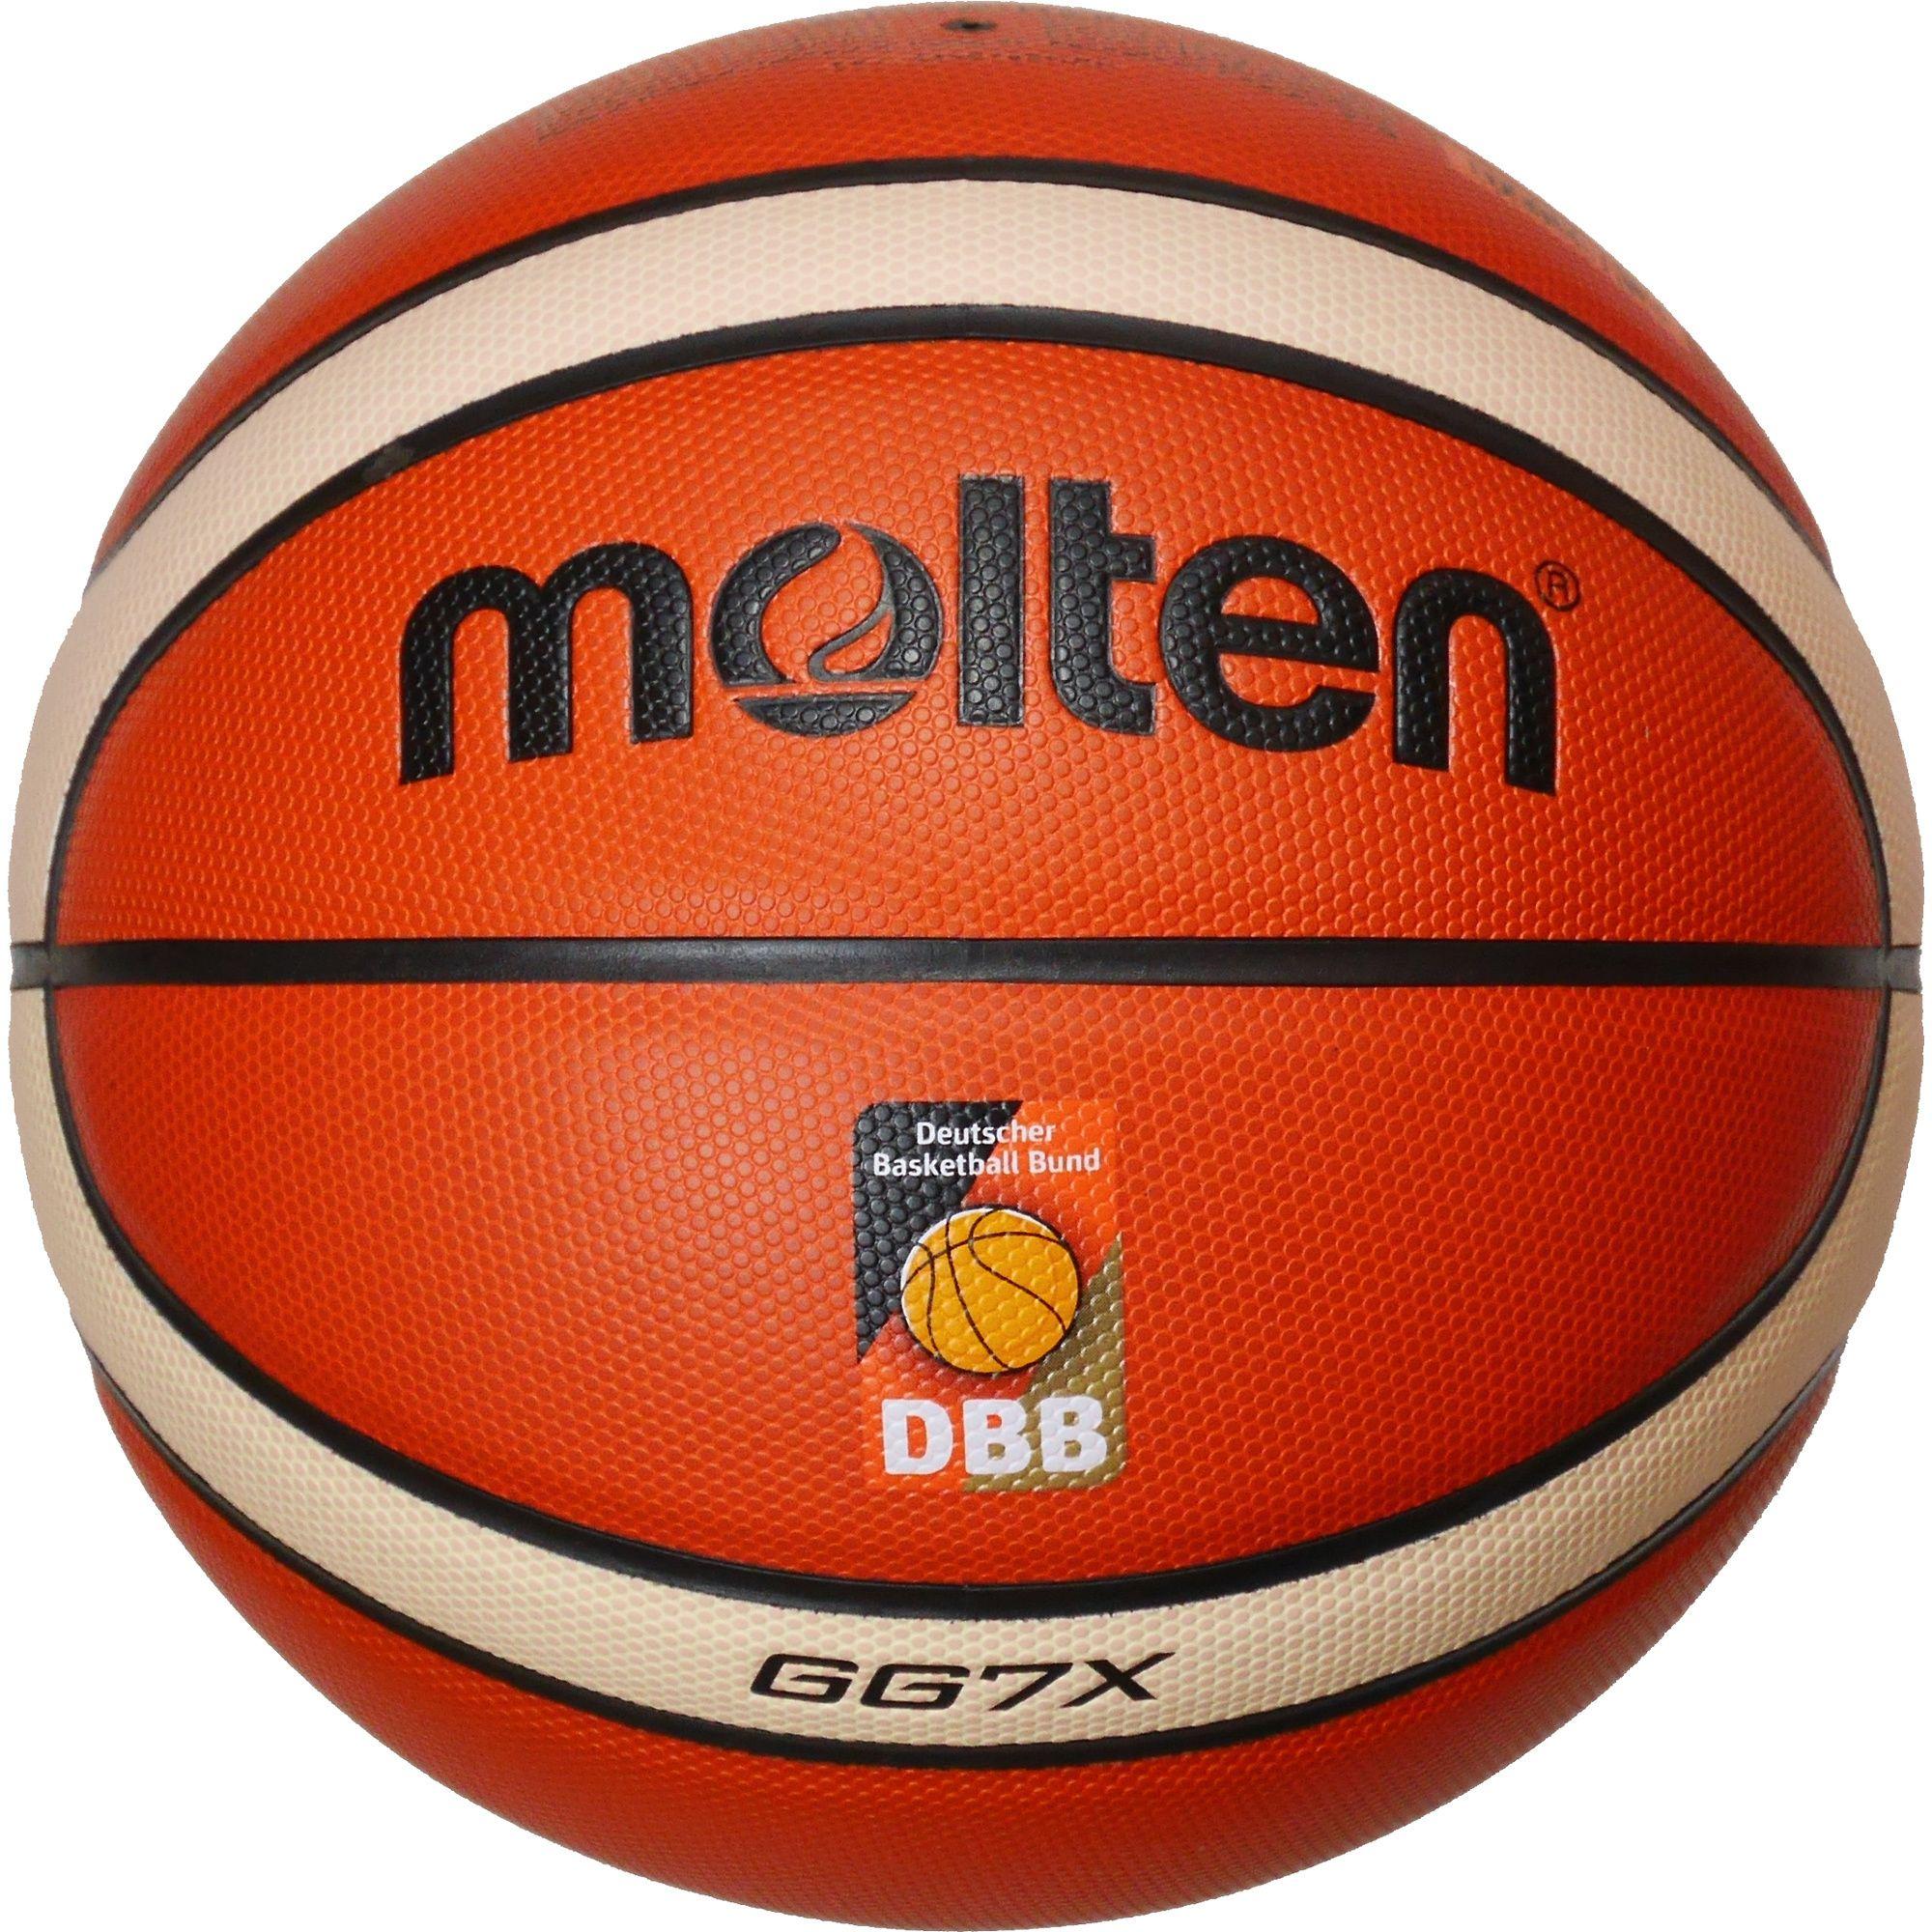 MOLTEN Molten BGG7X DBB Basketball